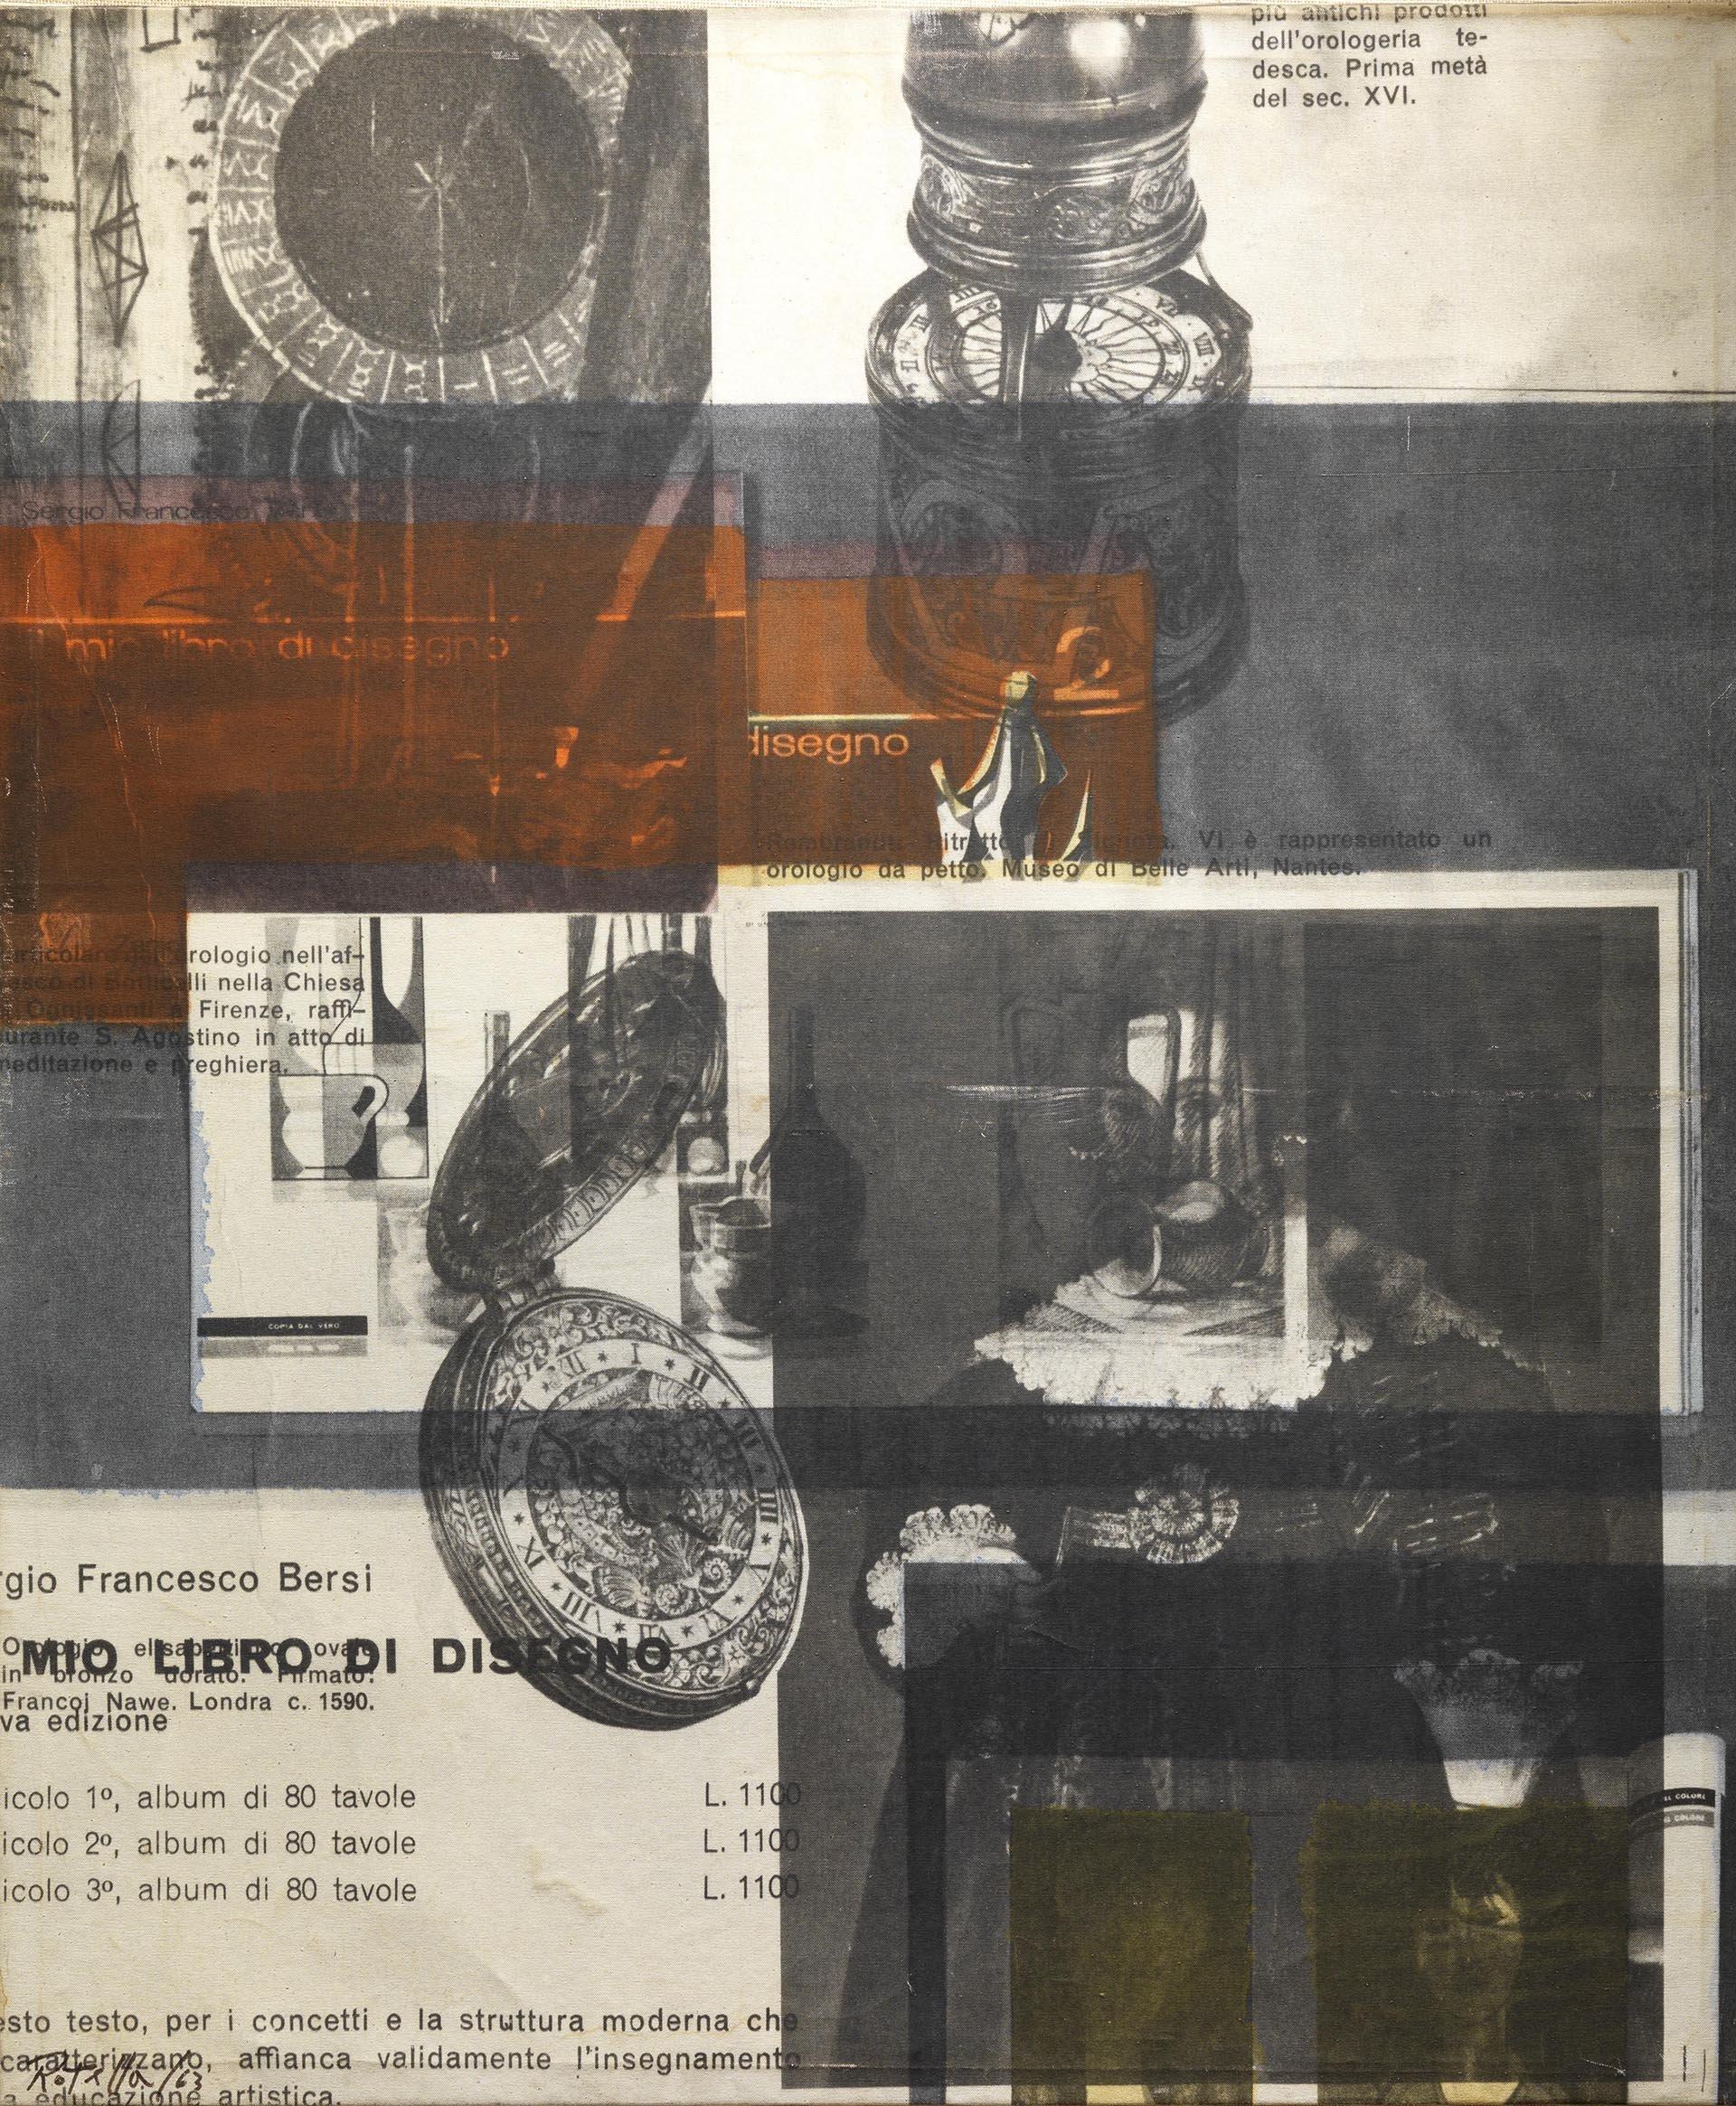 Rotella, Senza titolo, 1963, 110x93 cm